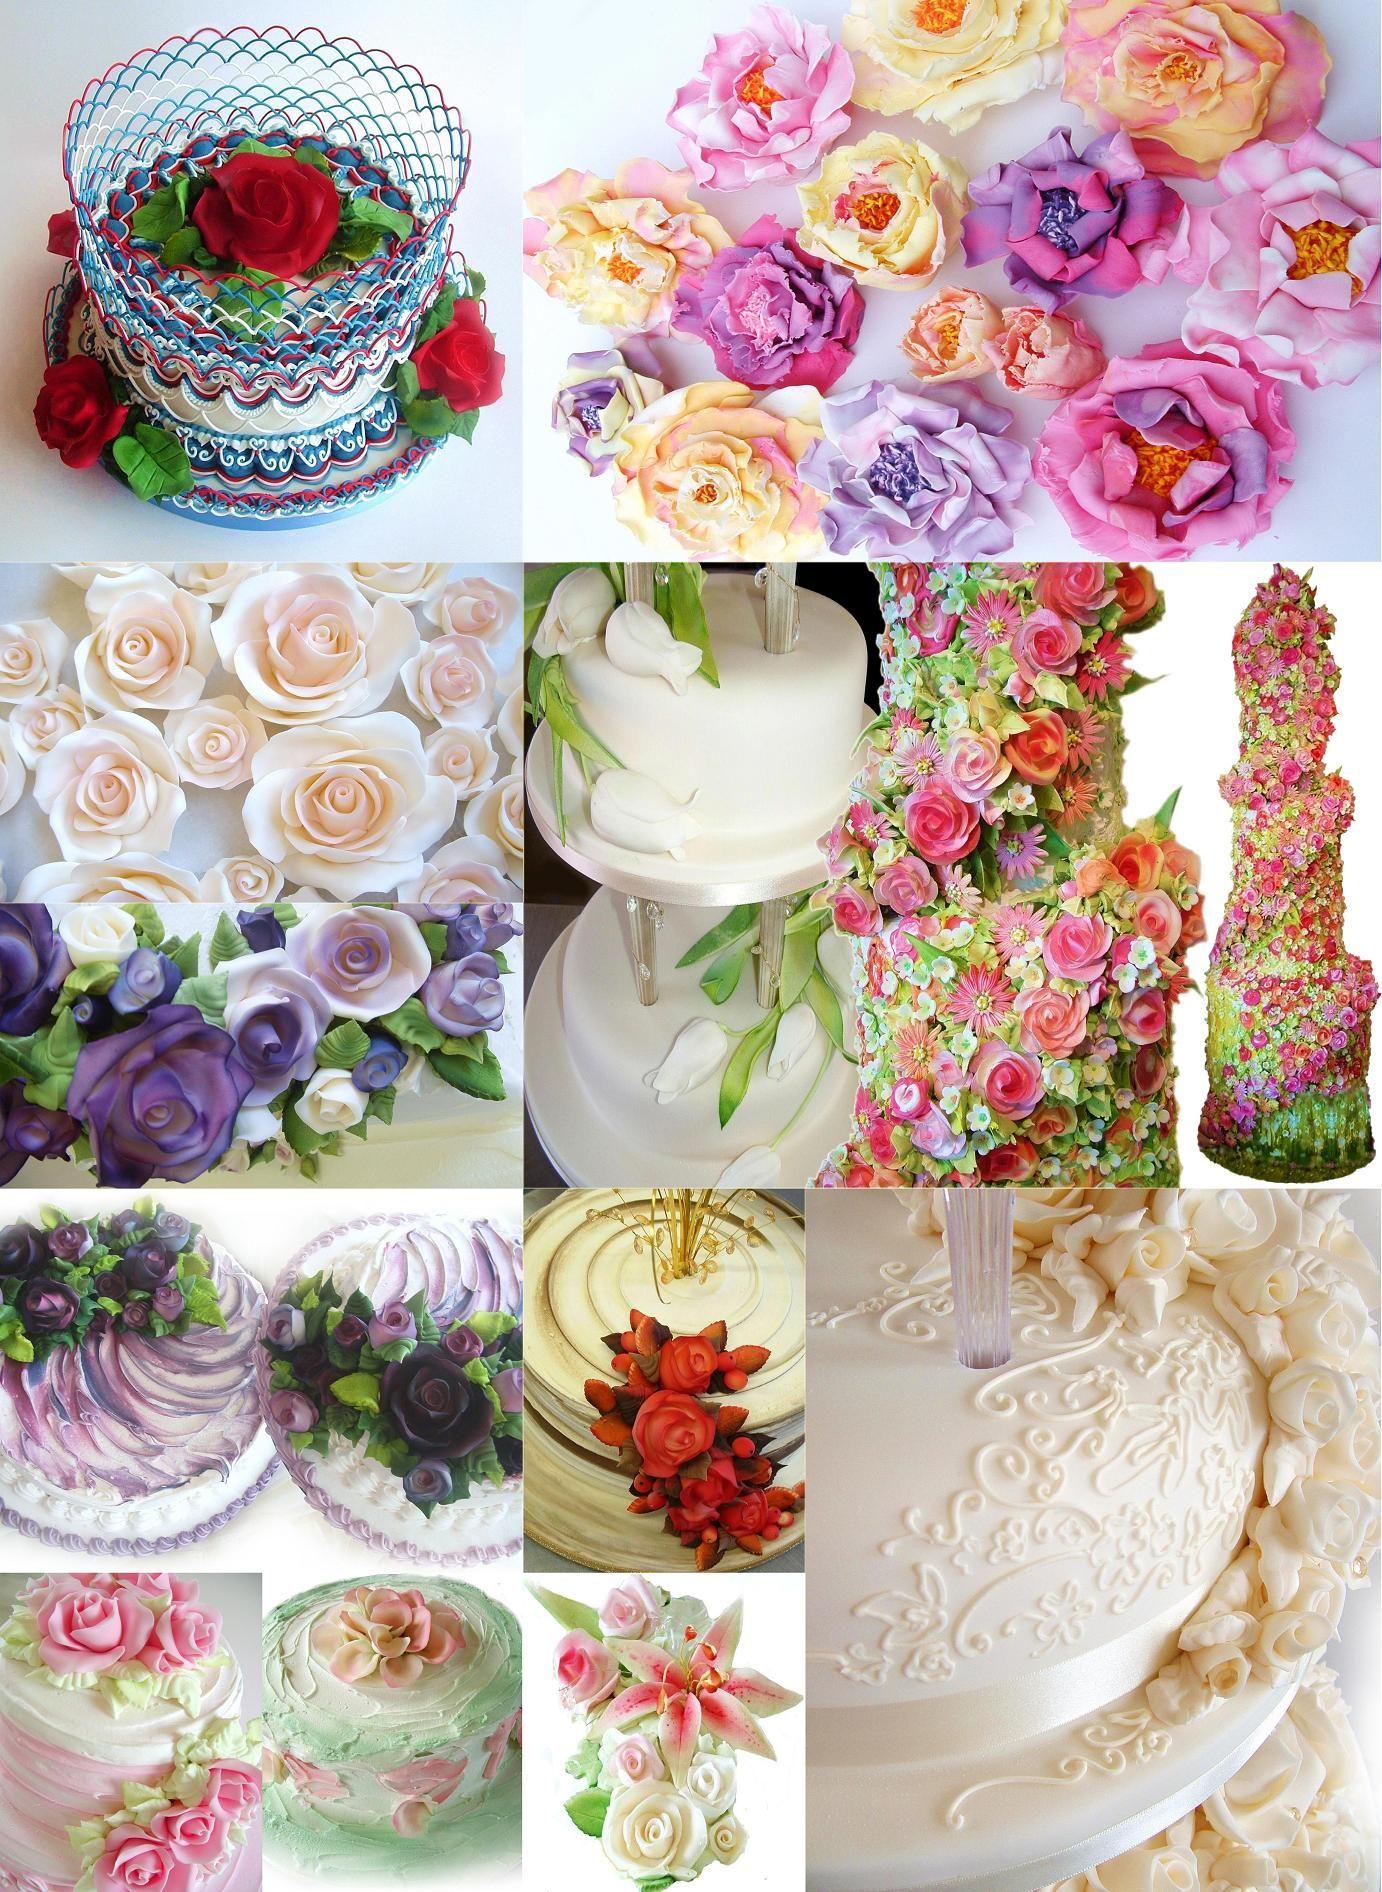 Cake decorating courses in dubai